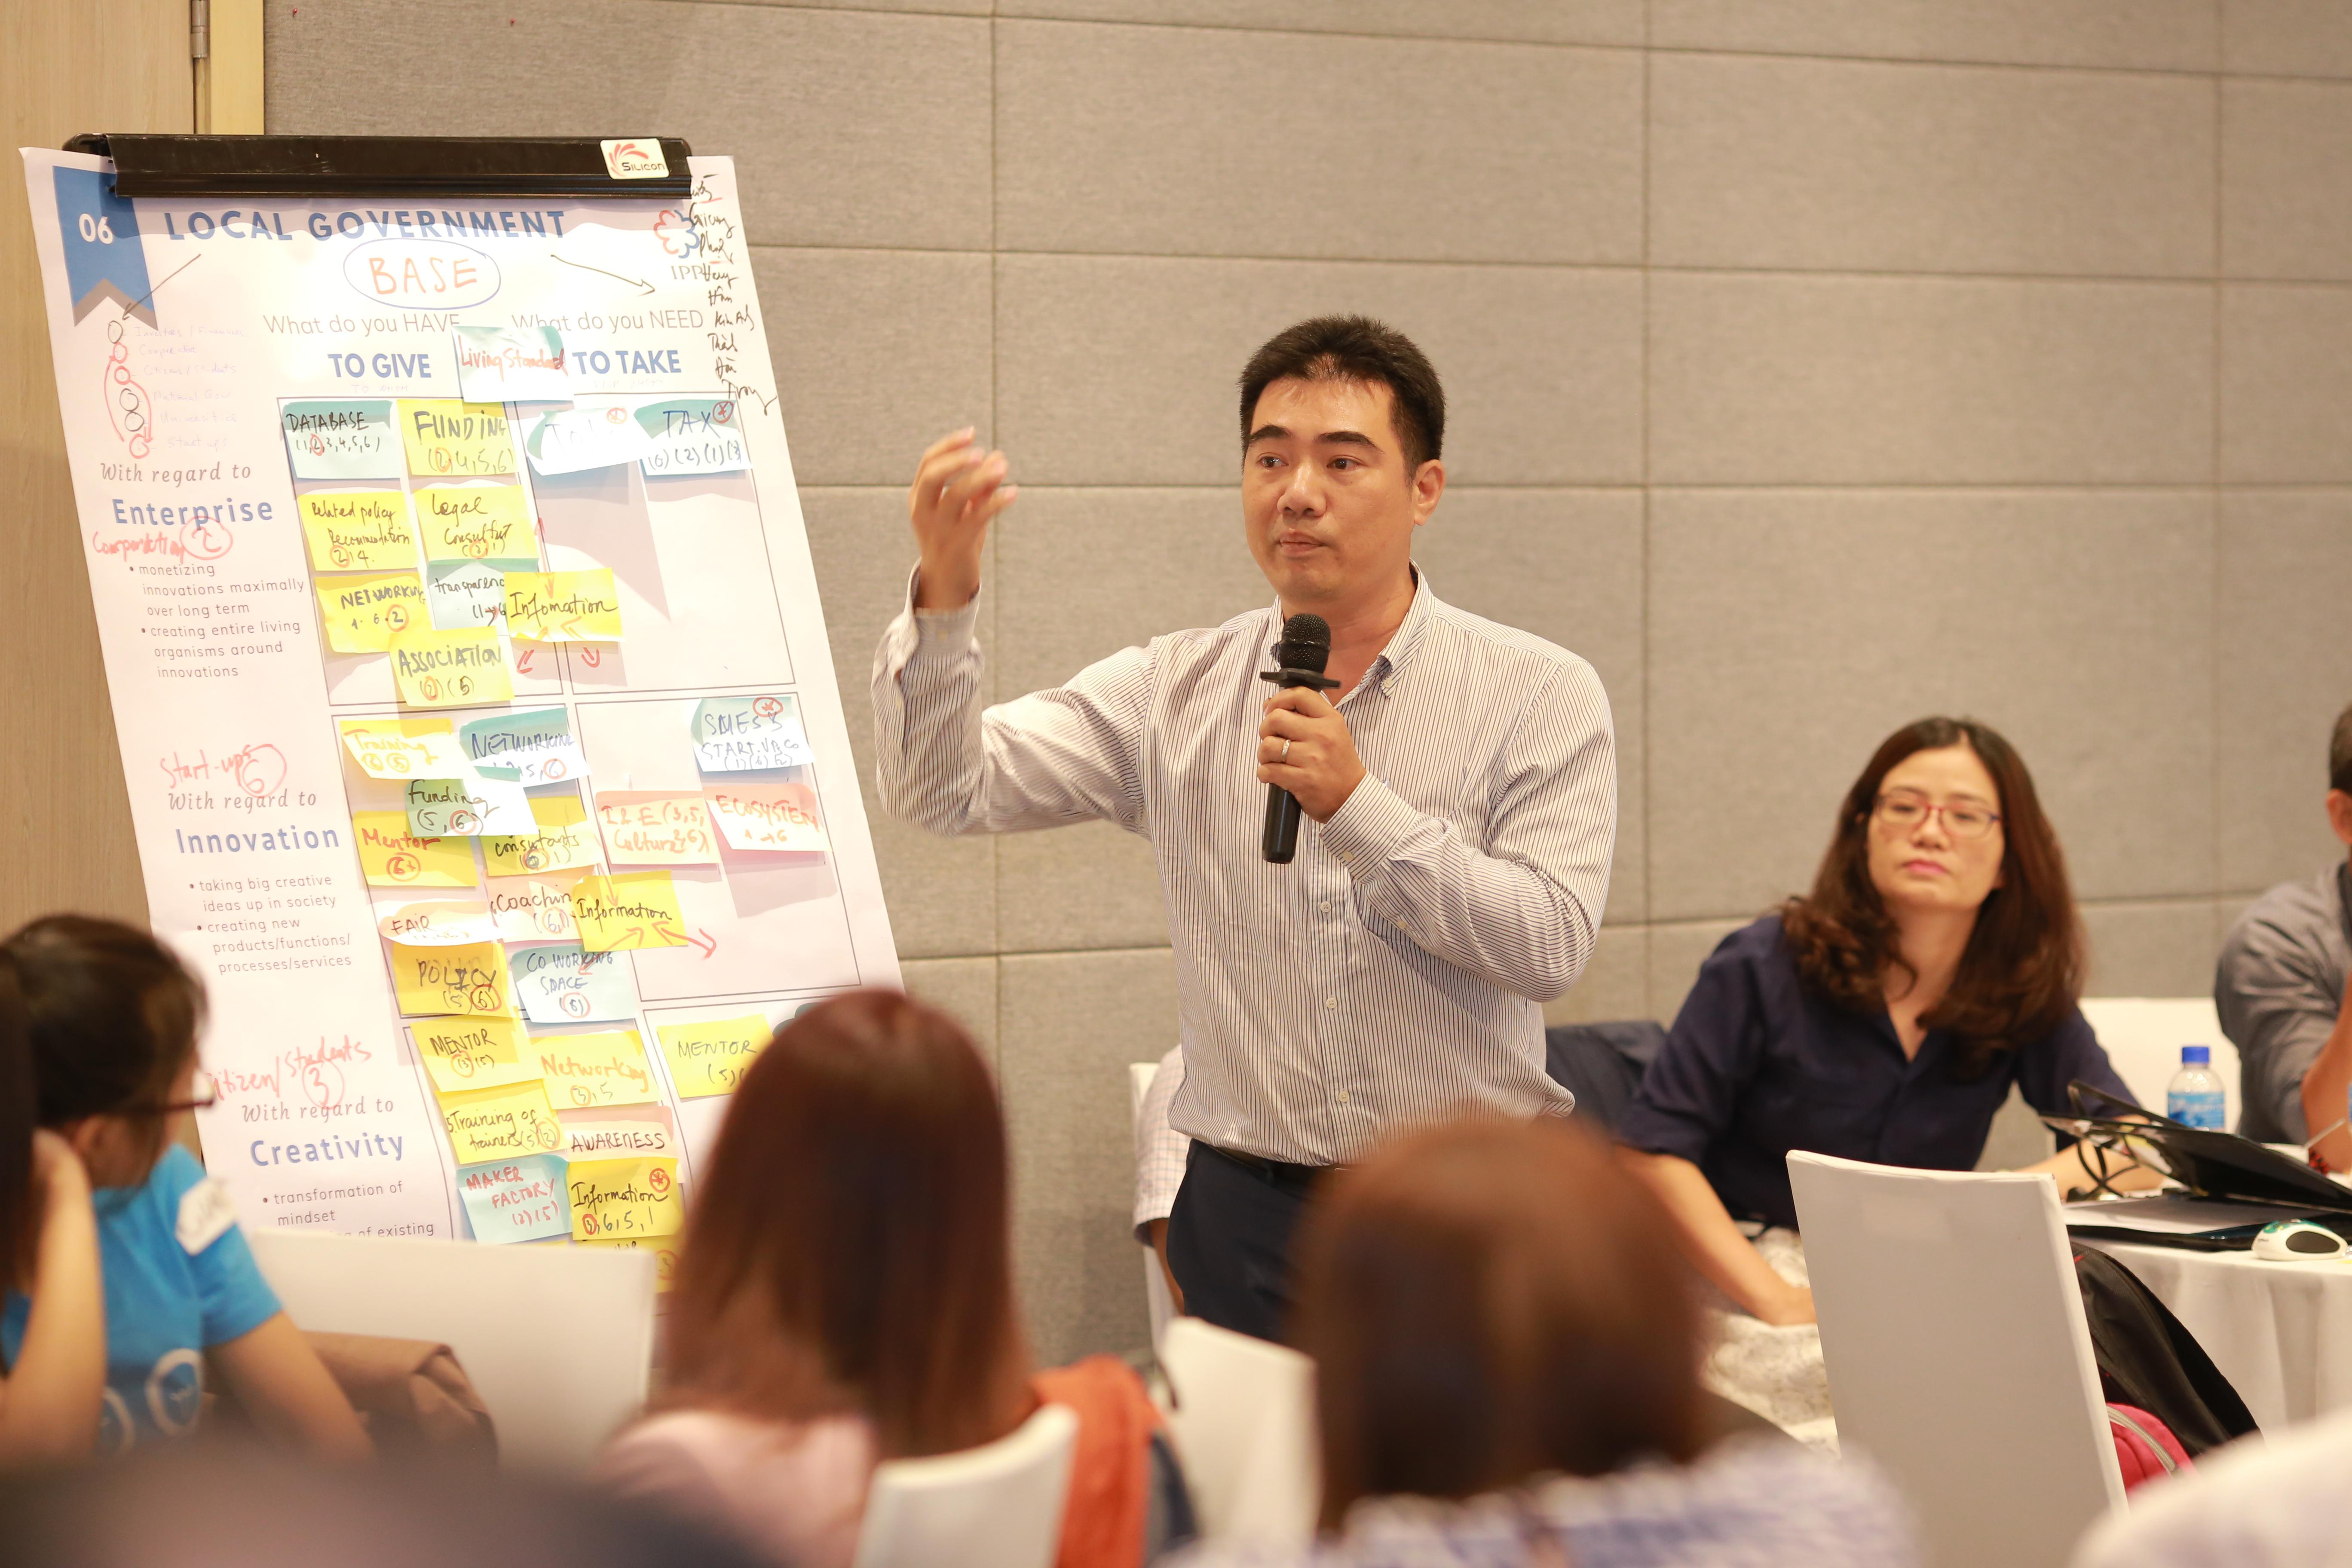 Dự án Đối tác đổi mới sáng tạo Việt Nam - Phần Lan (IPP2) cũng nỗ lực liên kết các thành phần của hệ sinh thái và nâng cao năng lực các dịch vụ hỗ trợ startup. Tuy nhiên, dự án này đã kết thúc vào đầu năm nay. Nguồn ảnh: IPP2